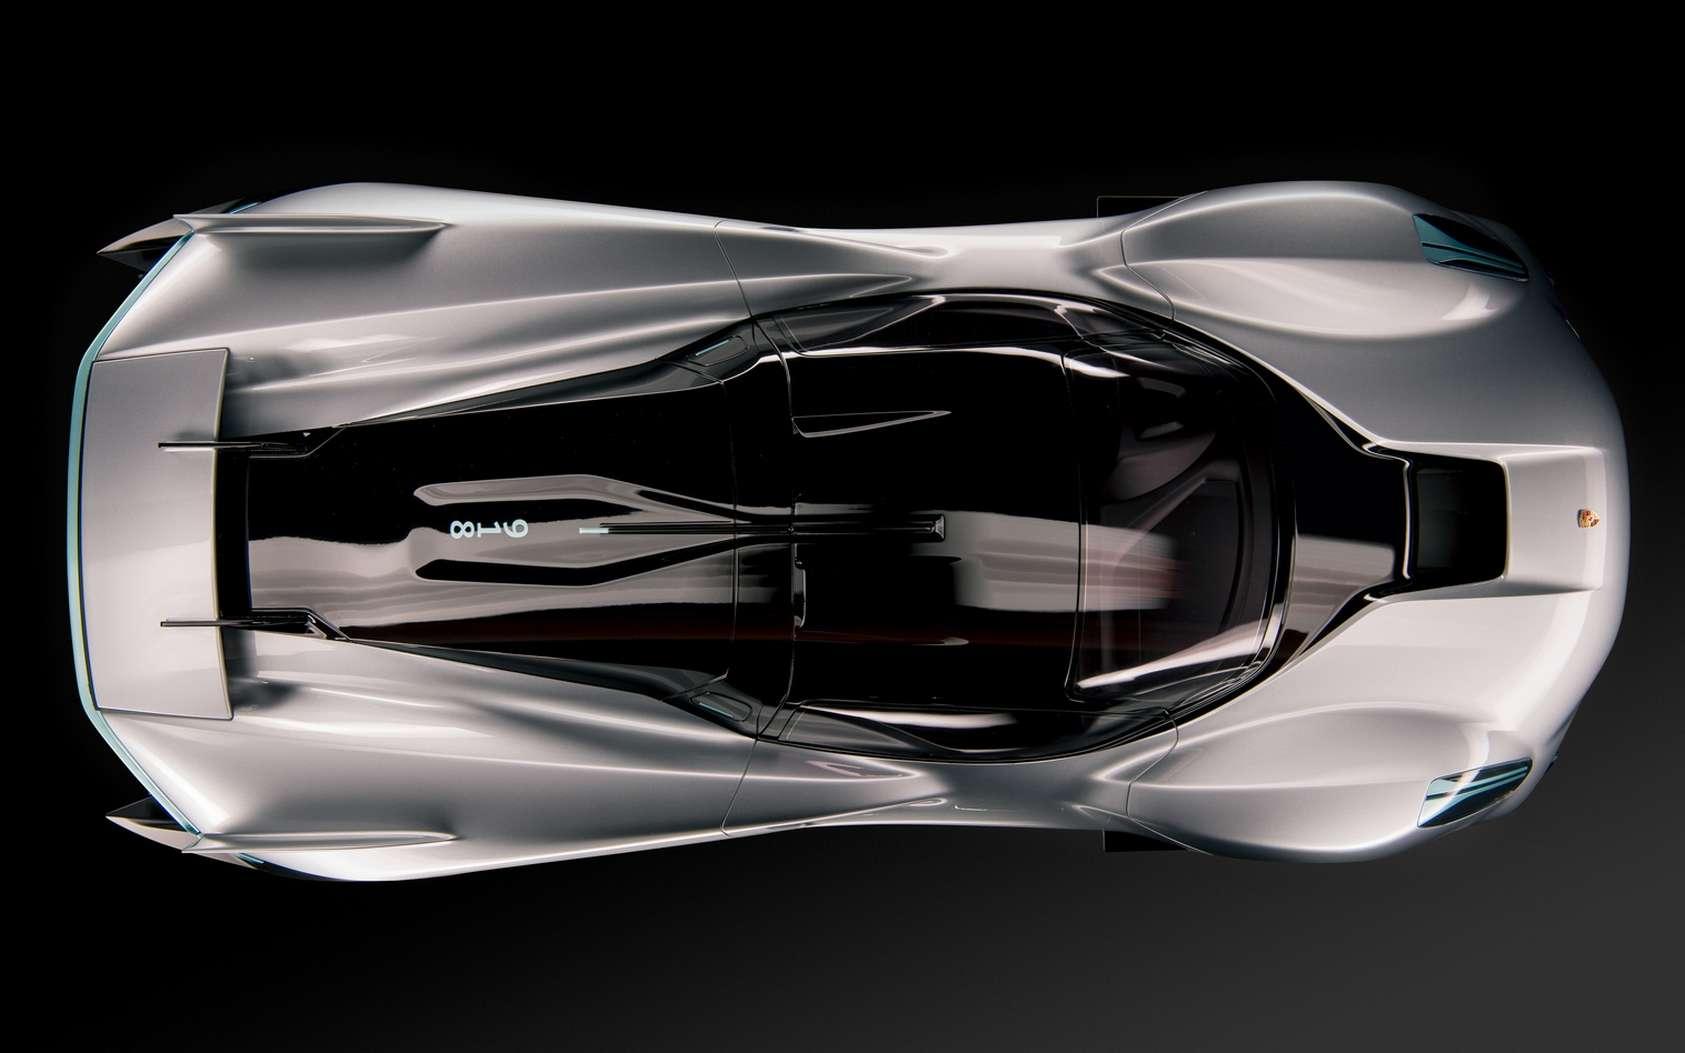 Comme d'autres grandes marques, la course automobile est au coeur du design chez Porsche. © Porsche